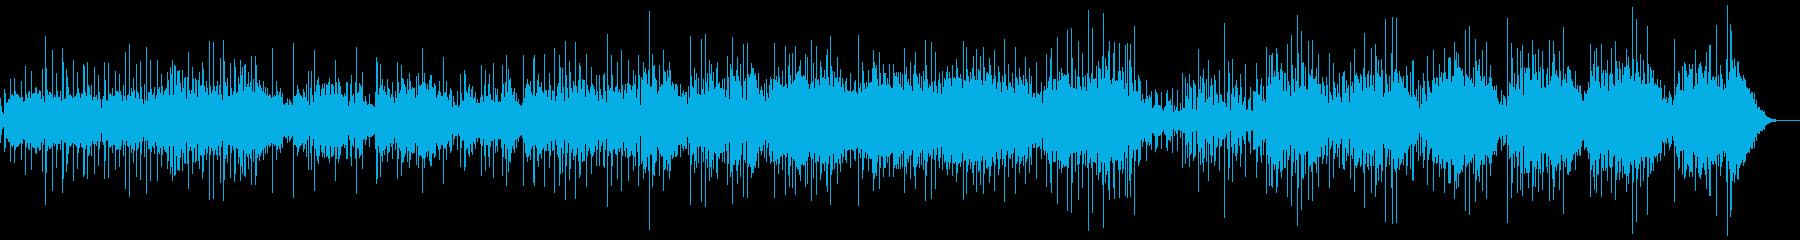 炭酸水サンペレグリノペリエスキュー...の再生済みの波形